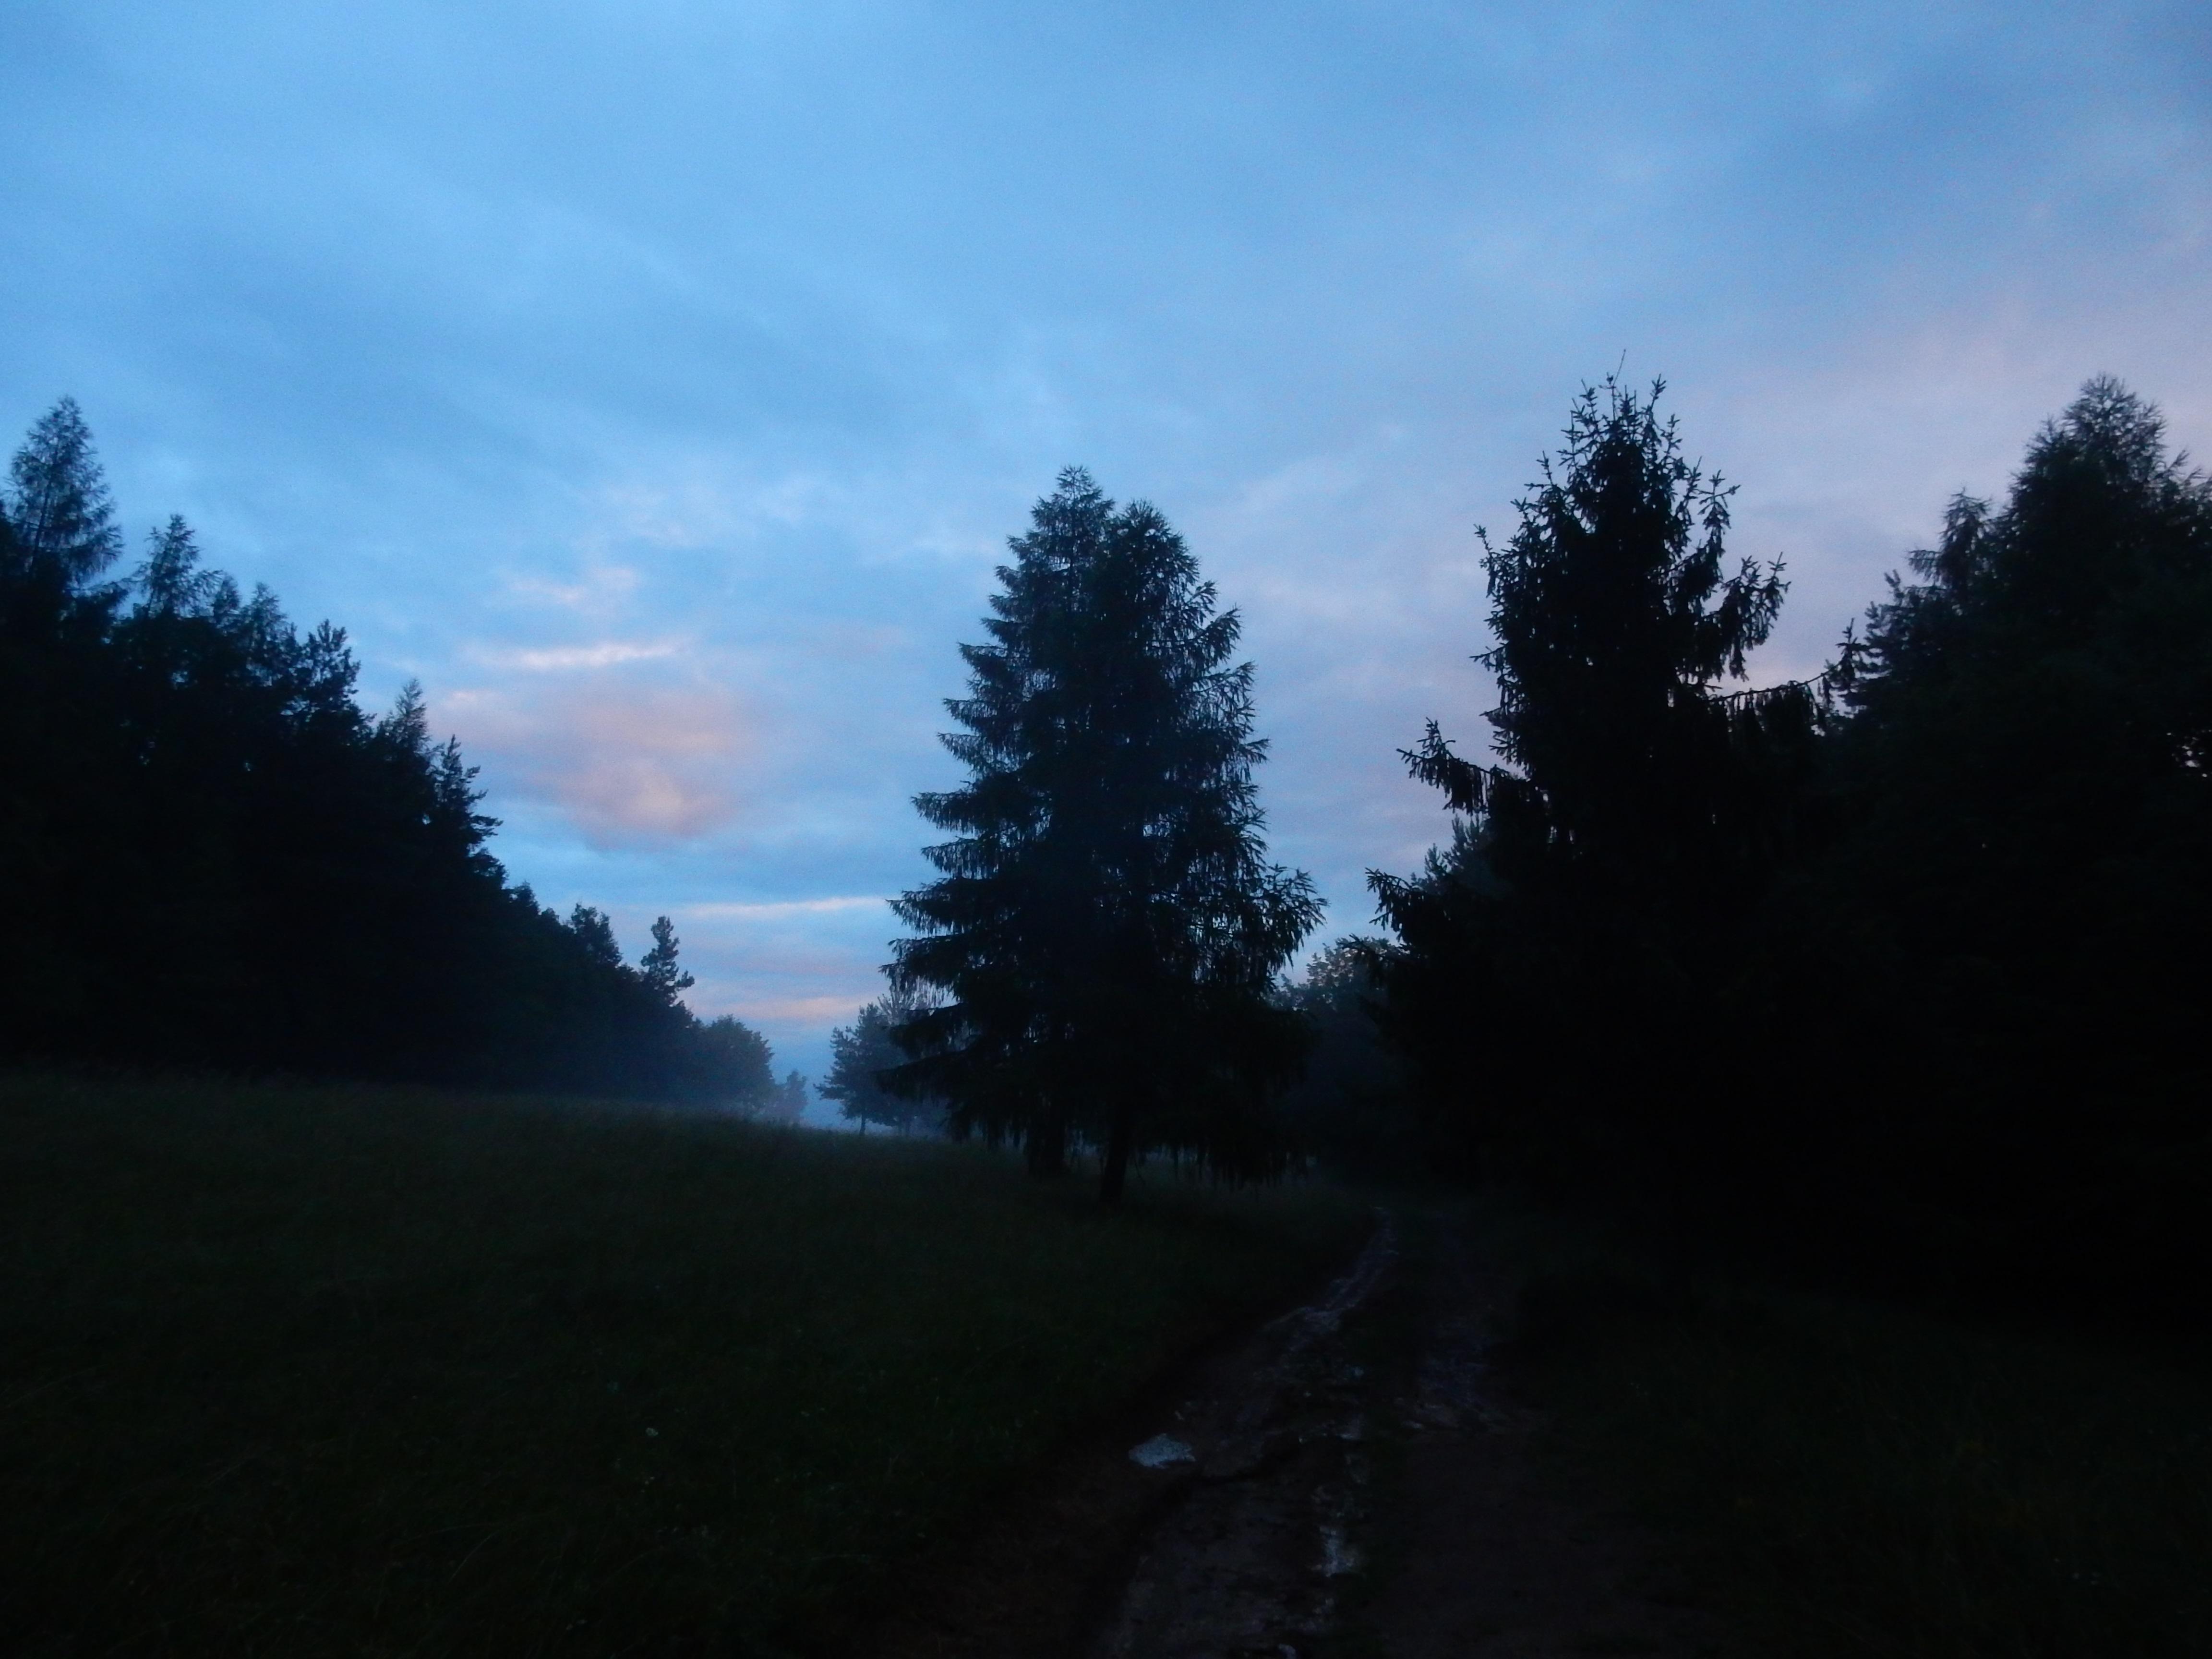 21_4.jpg